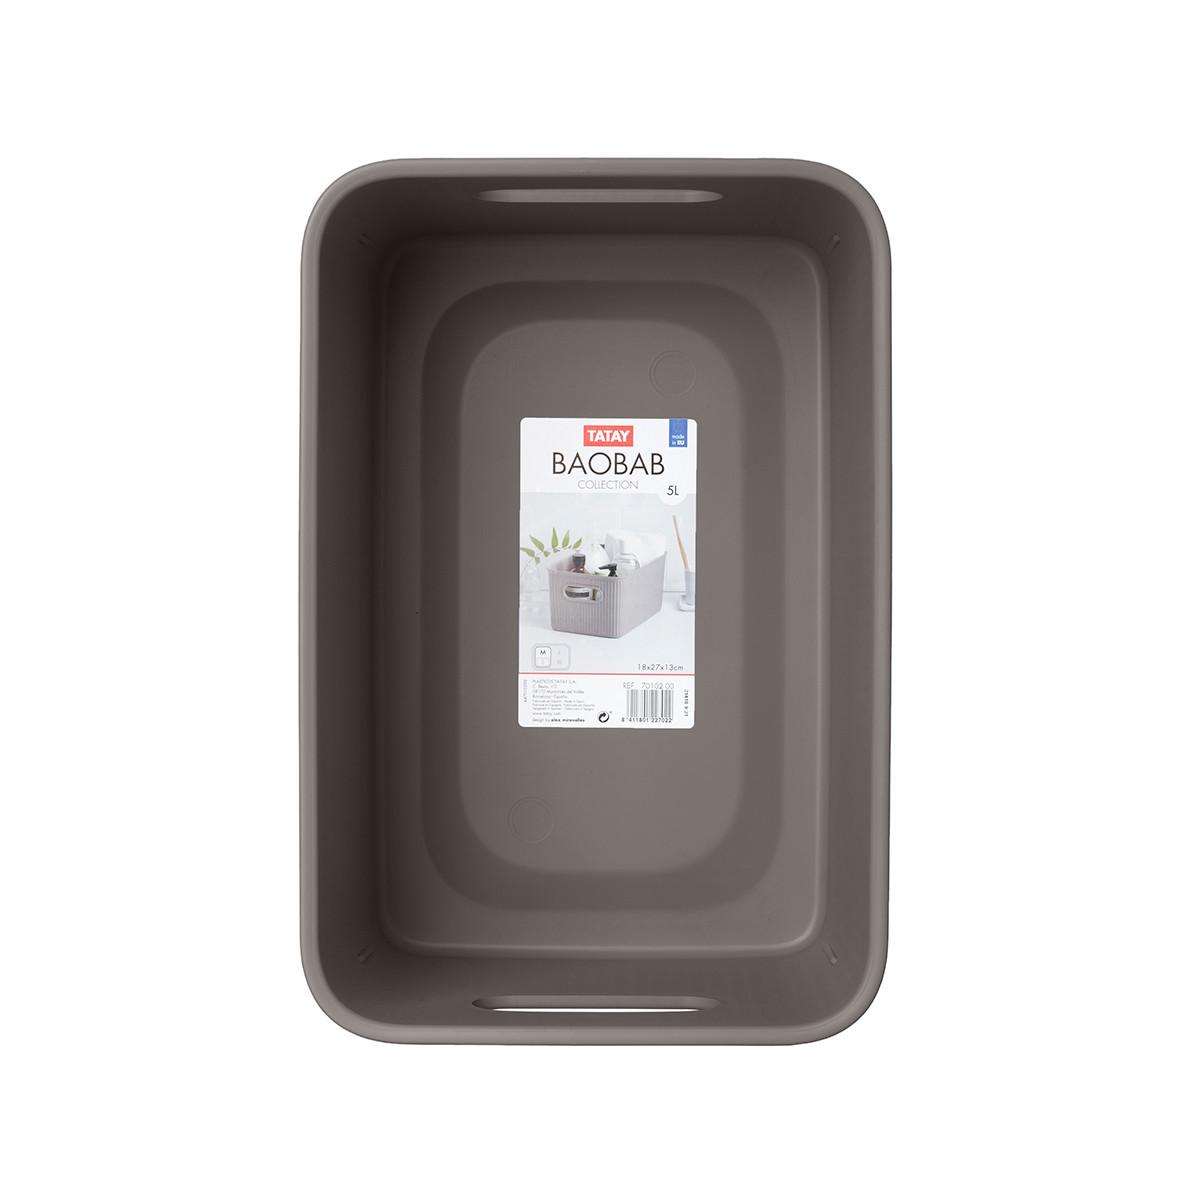 Κουτί Αποθήκευσης Tatay Baobab Medium 70102.05 Brown